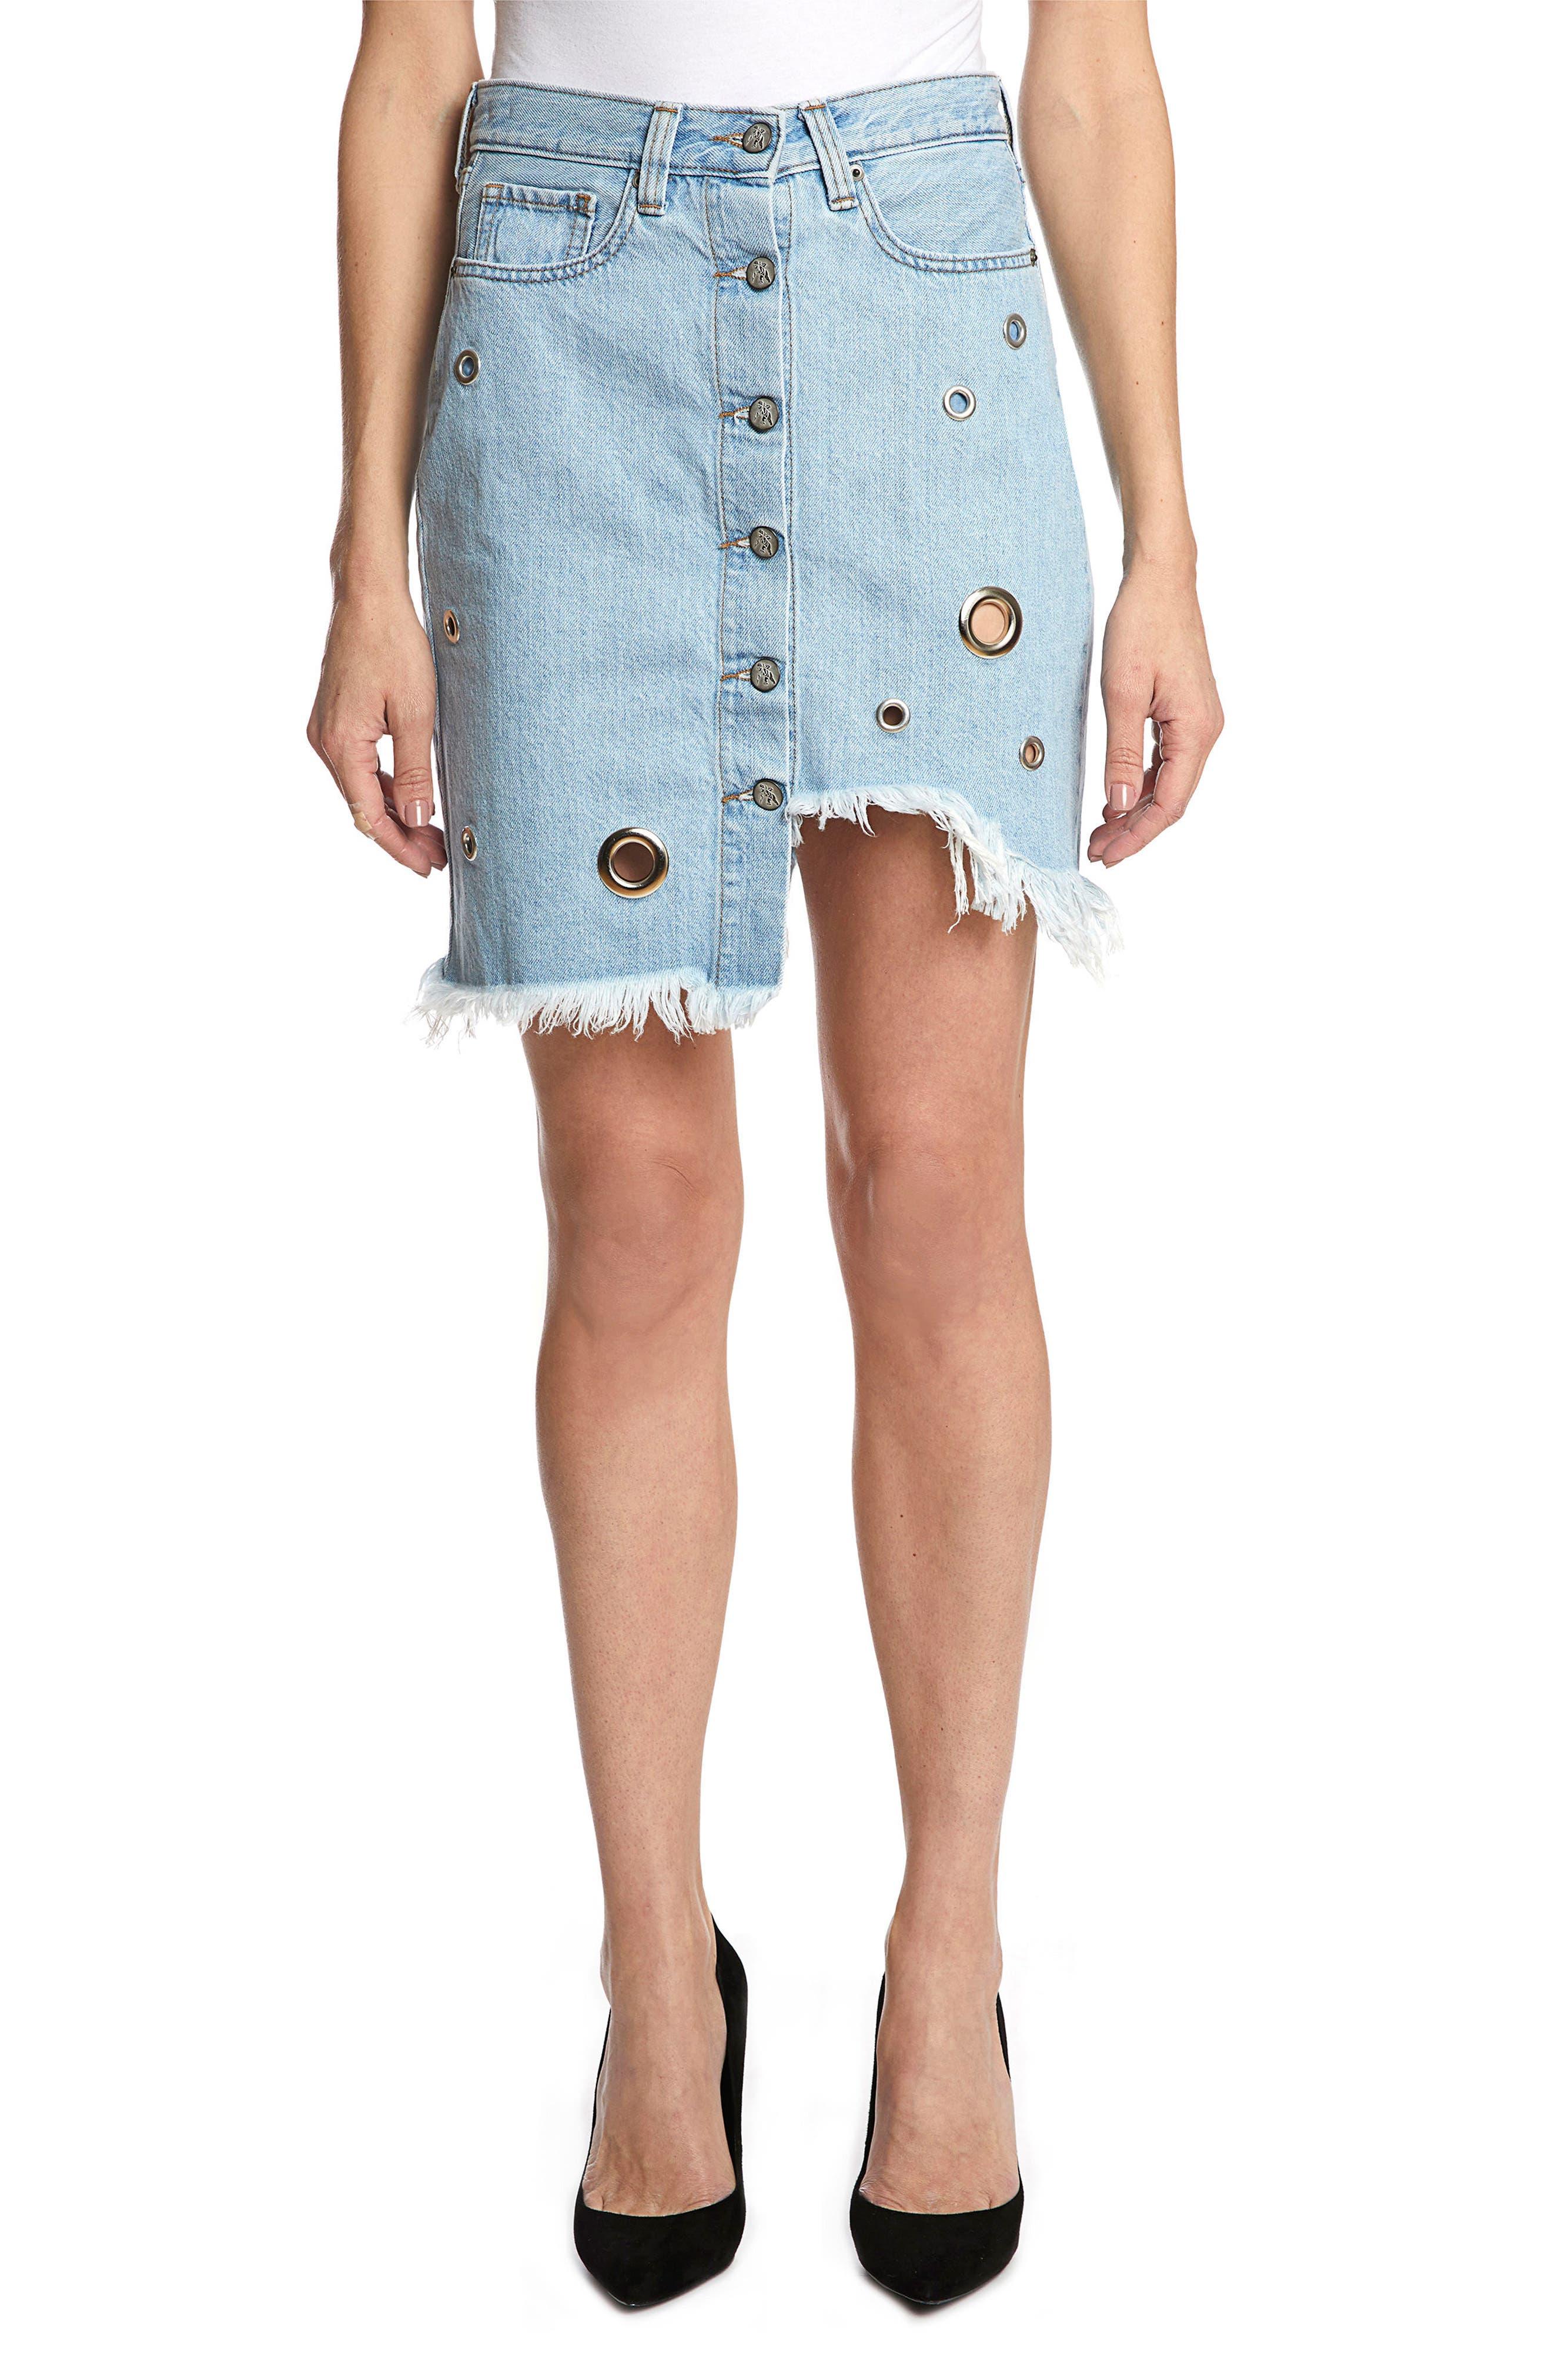 Nomad Grommet Denim Skirt,                             Main thumbnail 1, color,                             Light Stone